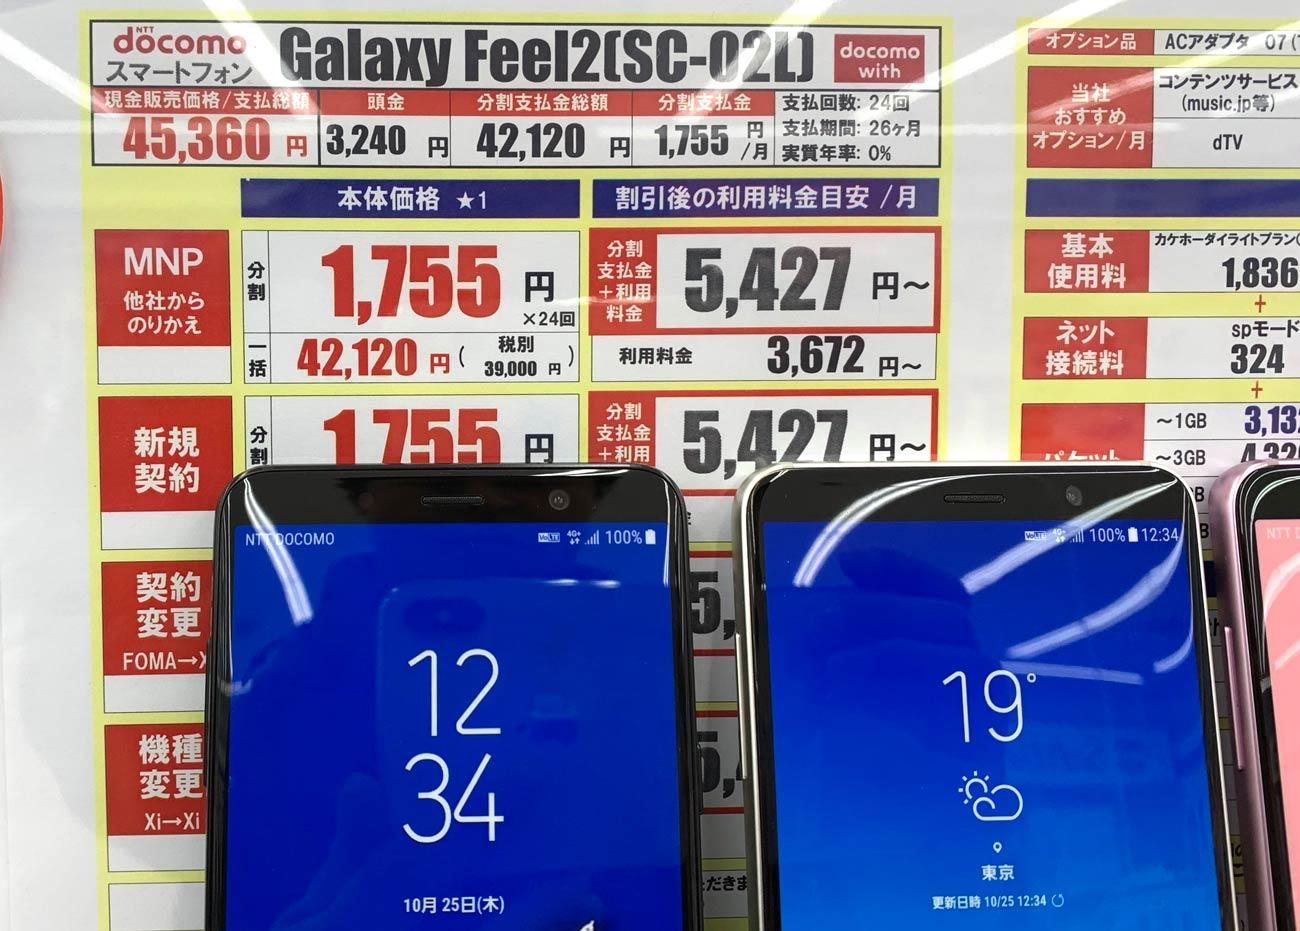 Galaxy Feel 家電量販店の価格